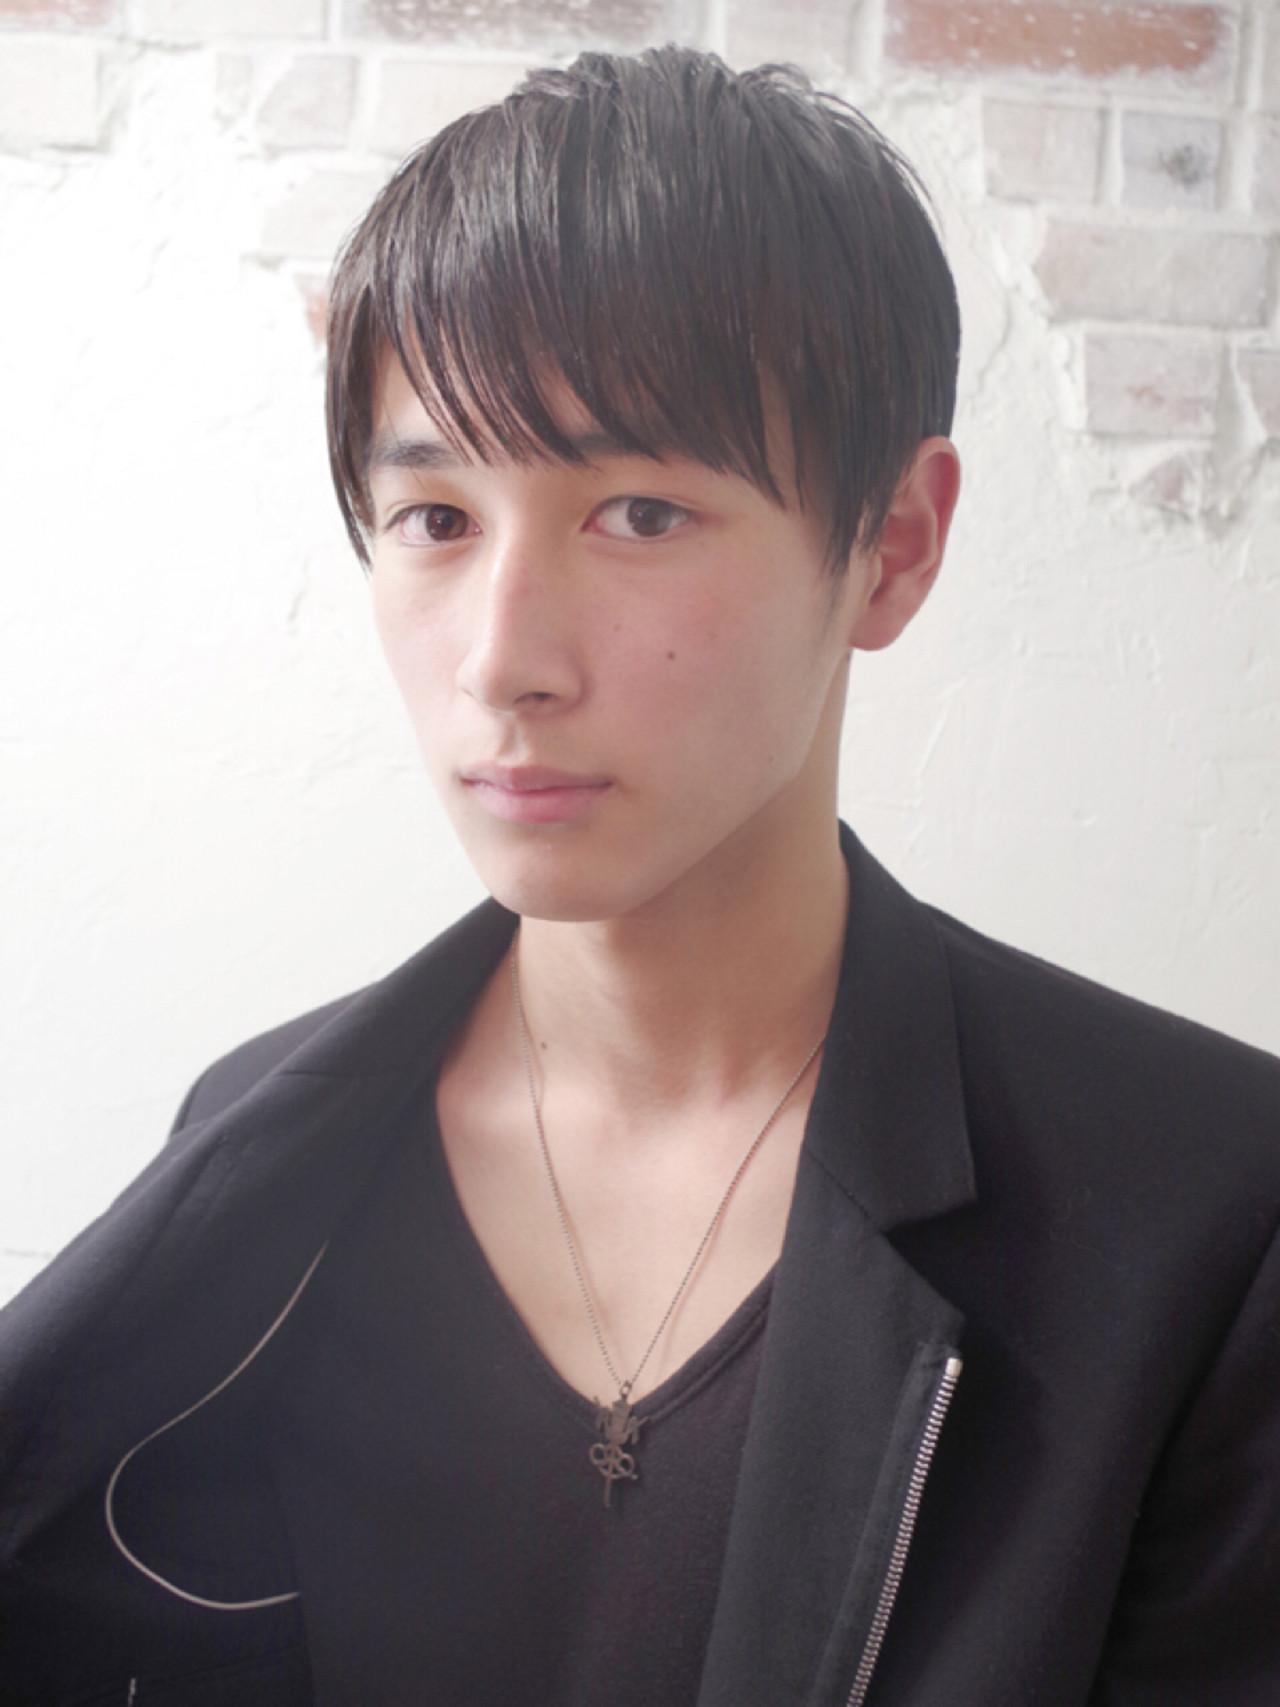 ショート 黒髪 モード ボーイッシュ ヘアスタイルや髪型の写真・画像